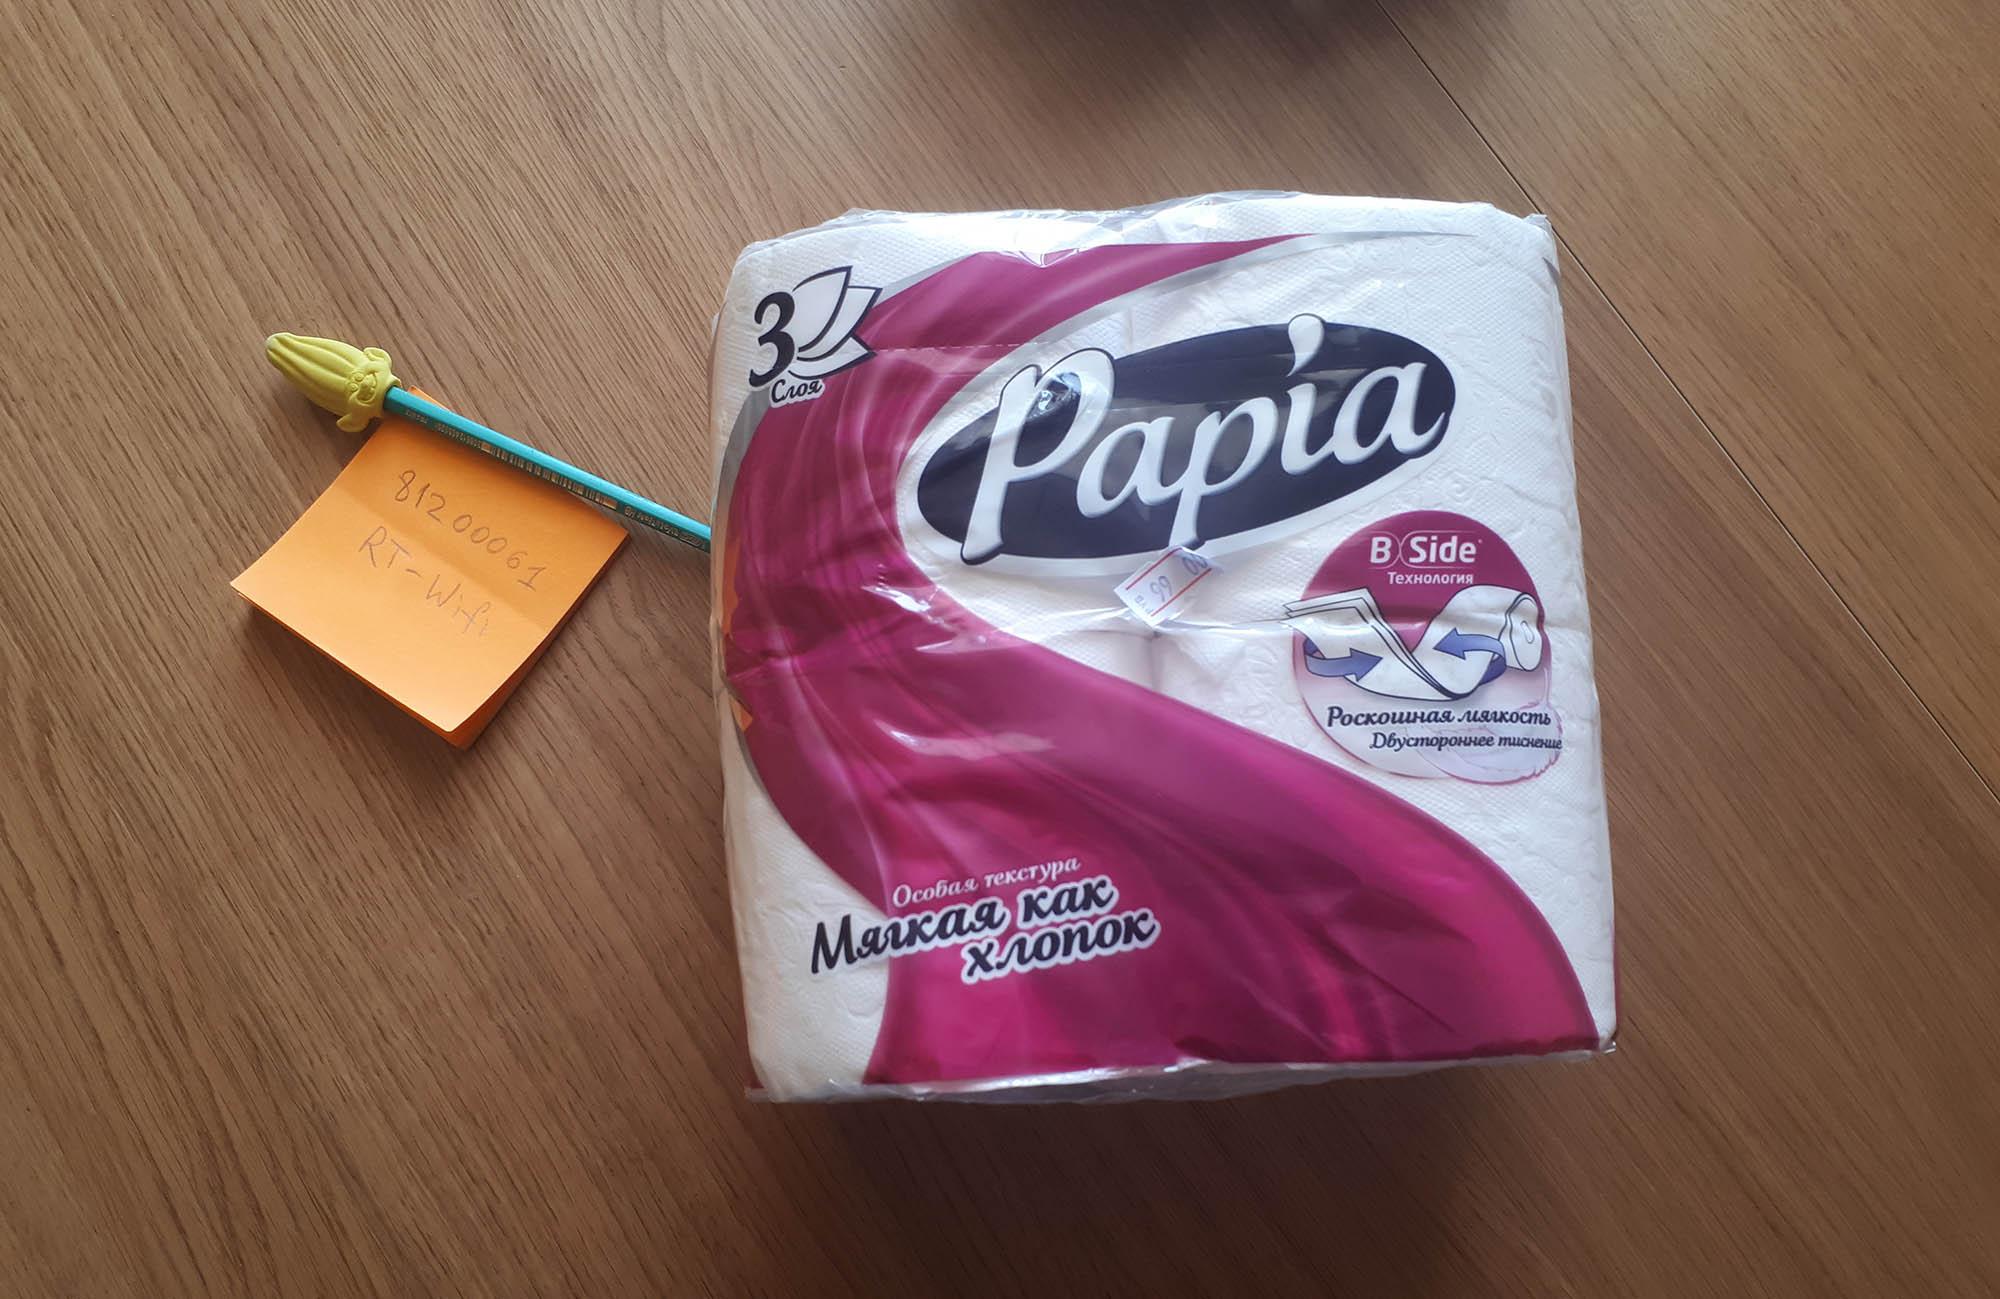 Туалетная бумага — хит покупок. Даже если заселять гостей на сутки, шести рулонов может не хватить